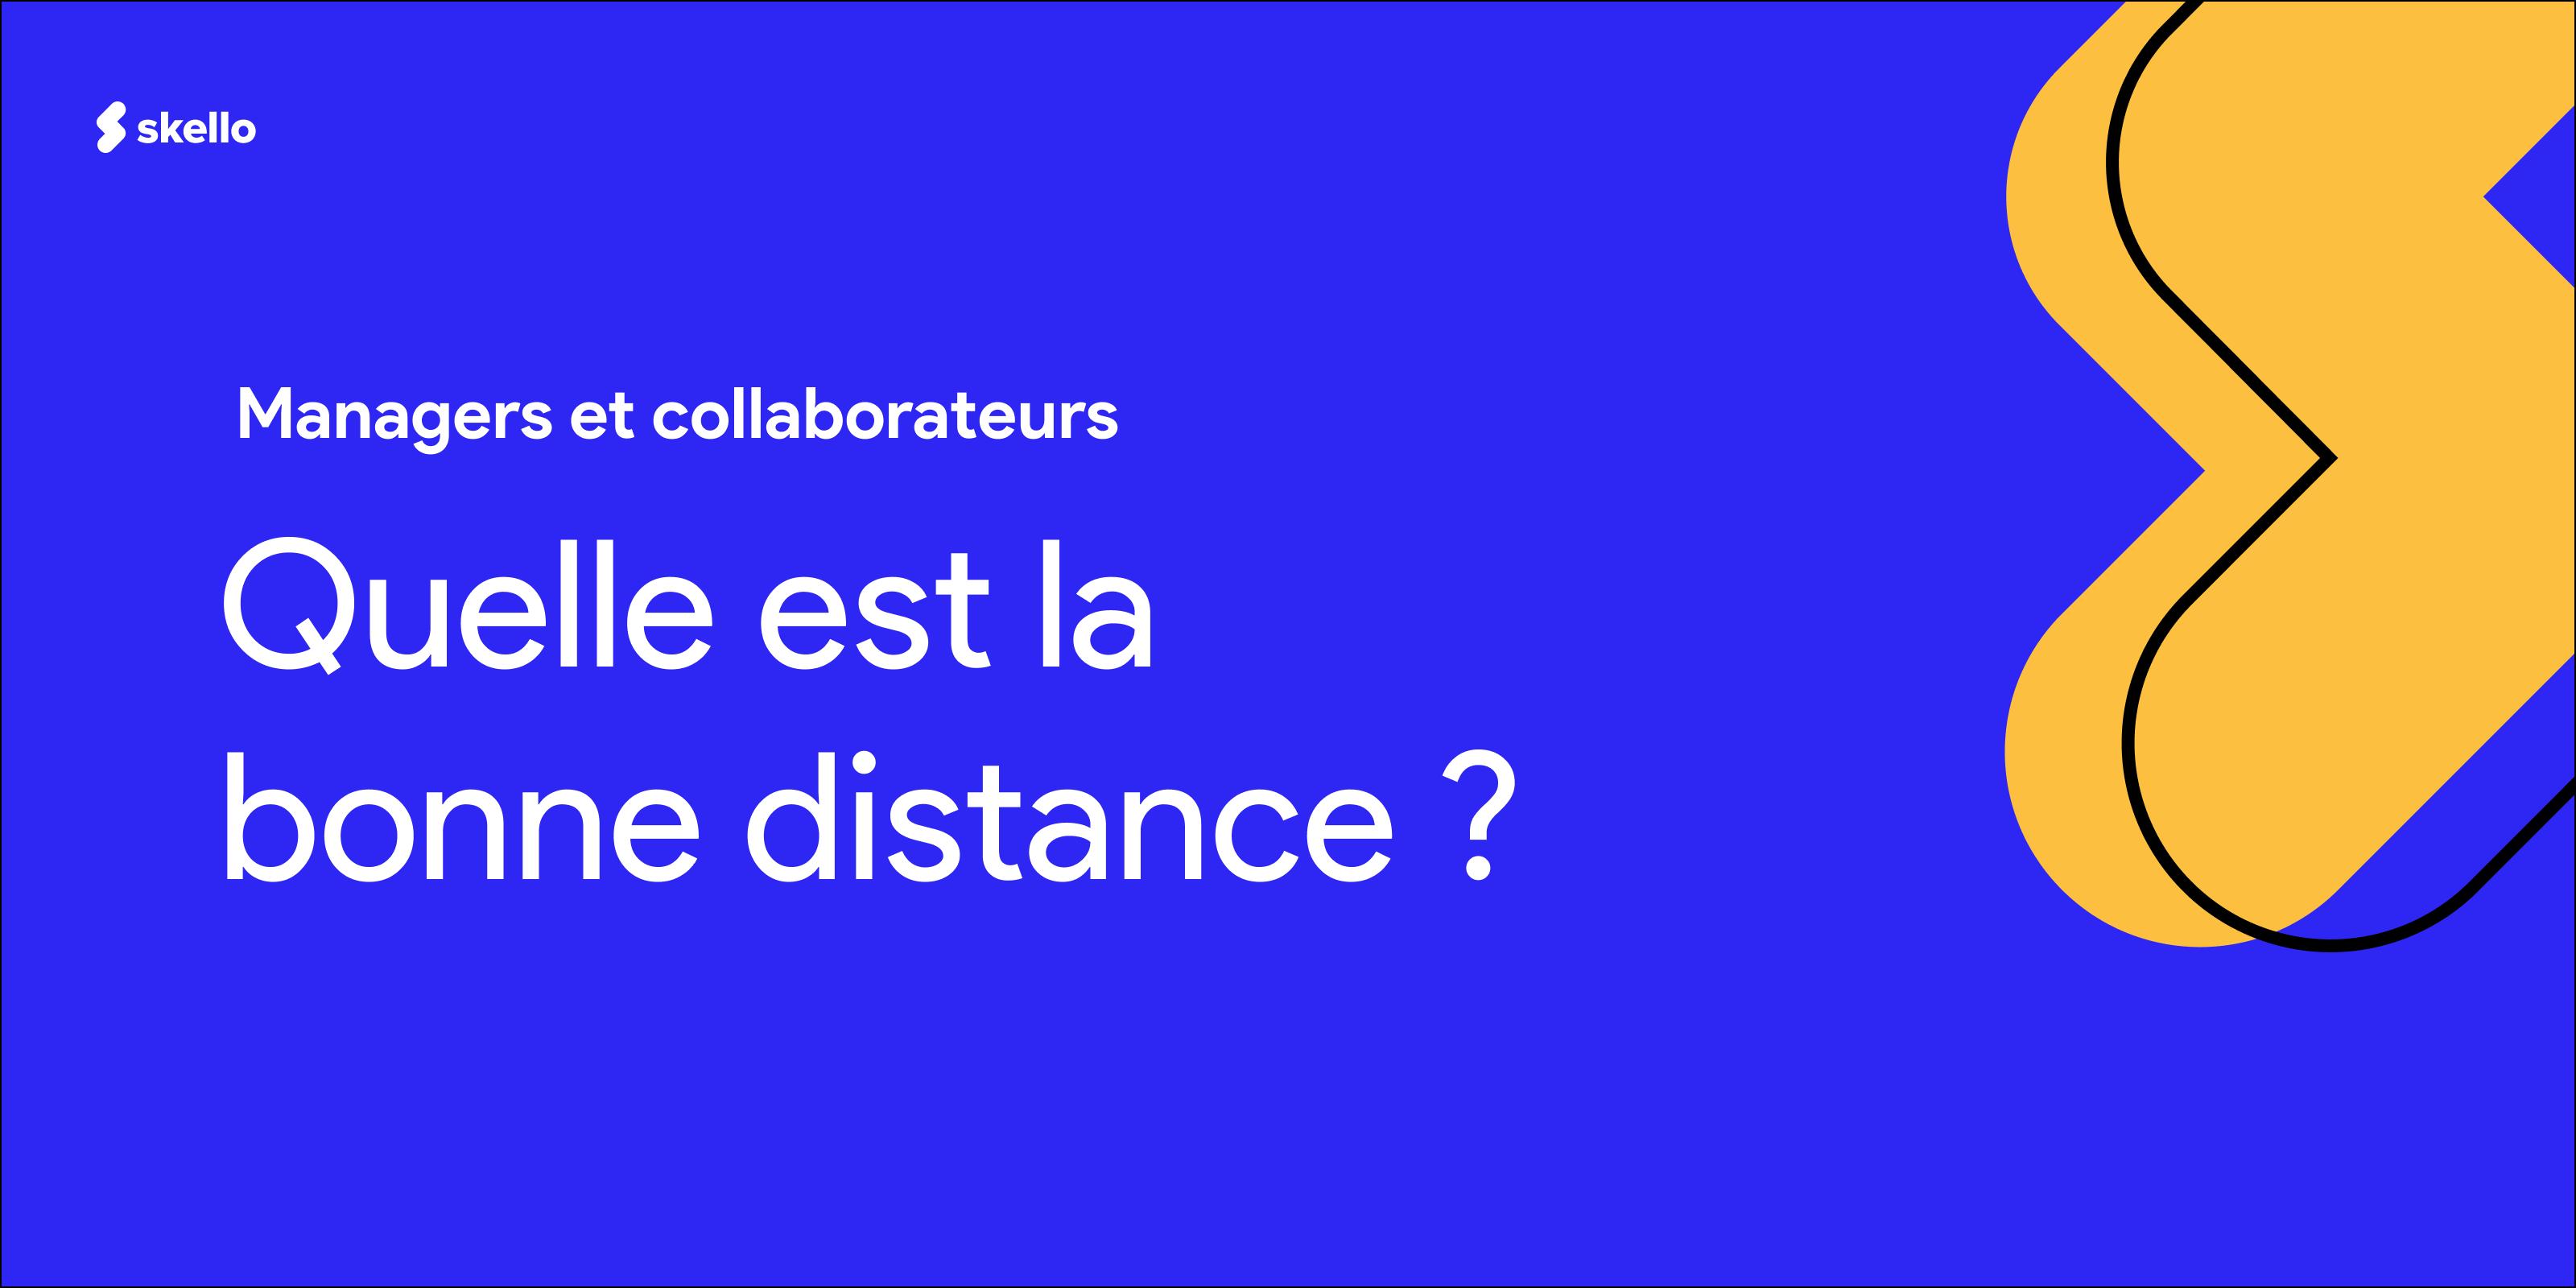 Managers et collaborateurs, quelle est la bonne distance?